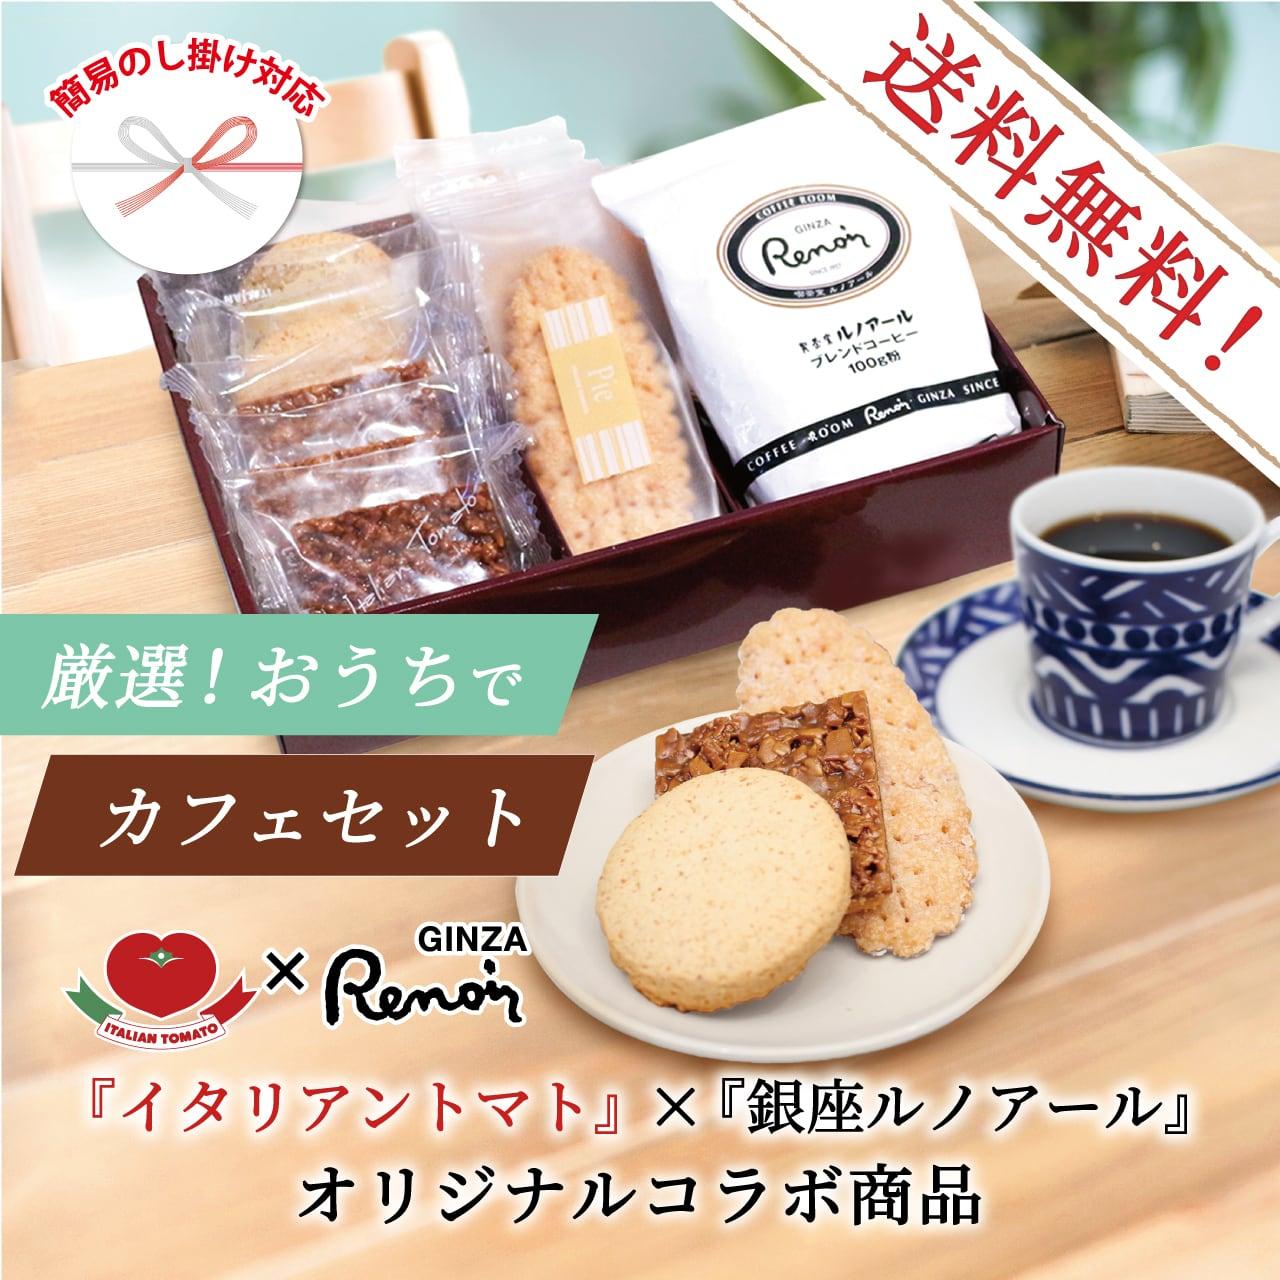 【イタリアントマト × 銀座ルノアール】ブレンドコーヒー&焼き菓子セット/簡易のし掛け対応【送料無料】